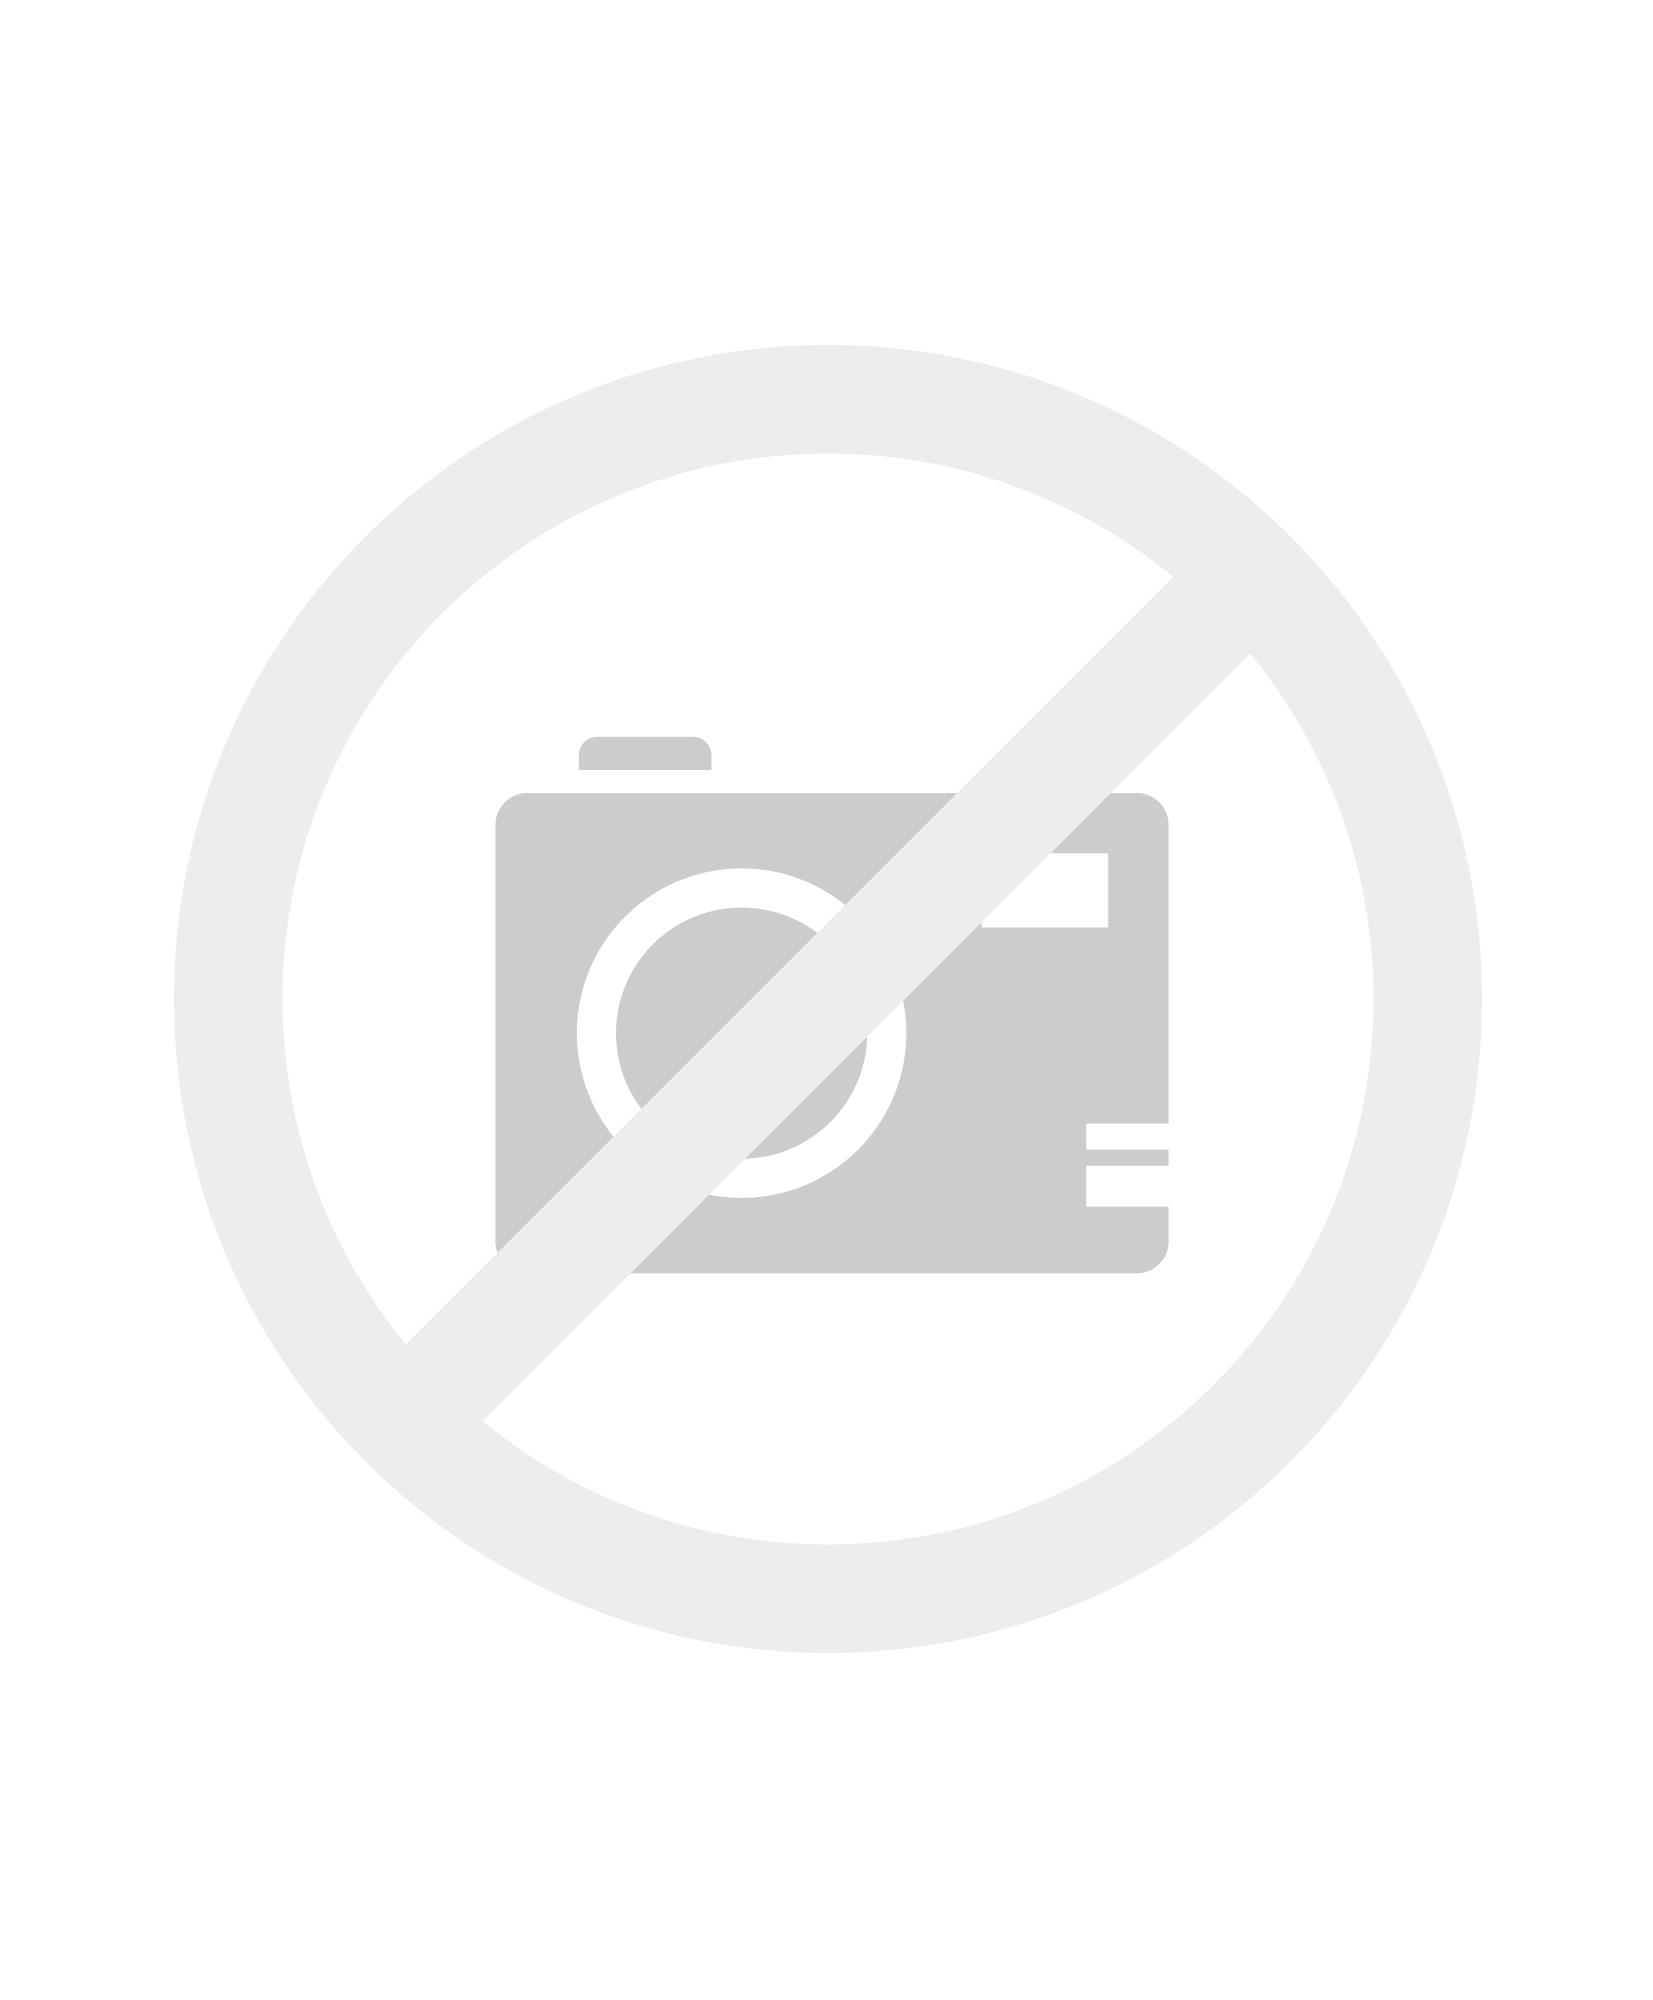 Akce pásová rypadla KOBELCO 1.9. - 31.03.2020-1